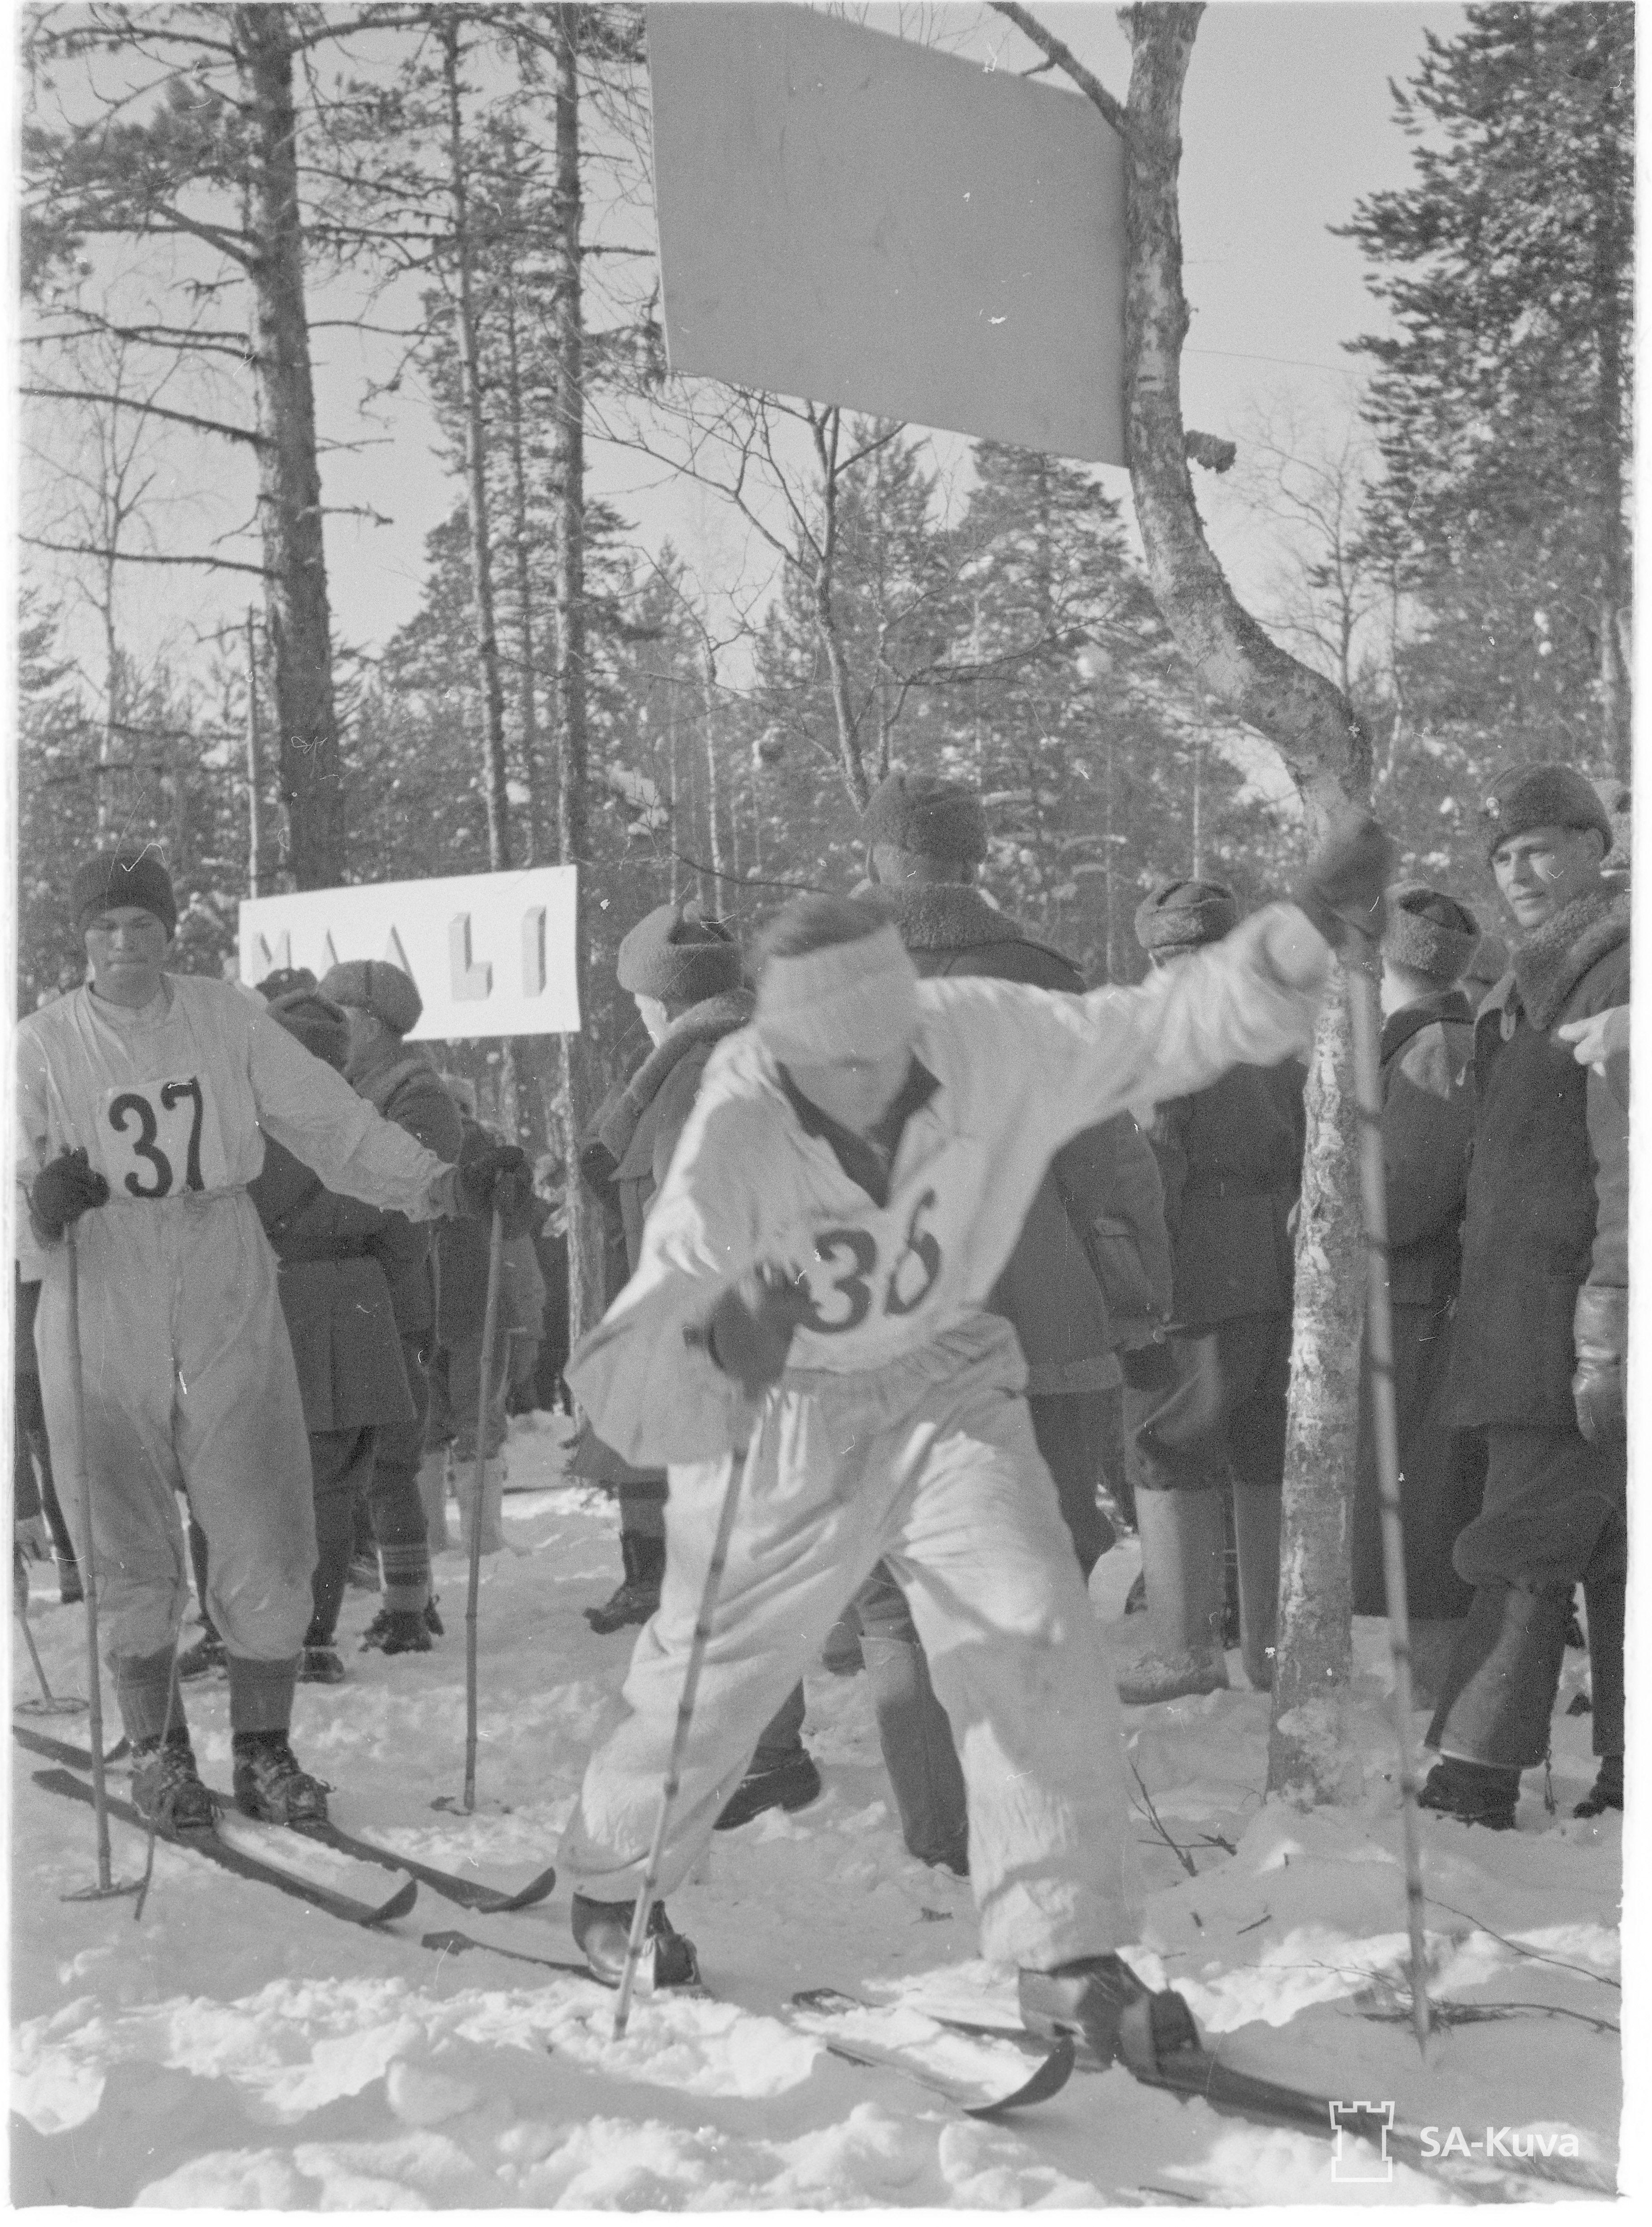 """""""Alikersantti Eino Hartikainen, 23-vuotias maanviljelijä Iisalmen maalaiskunnasta on noussut tällä sotaretkellä suurhiihtäjien eturiviin."""" SA-kuvateksti 28.2.1942."""